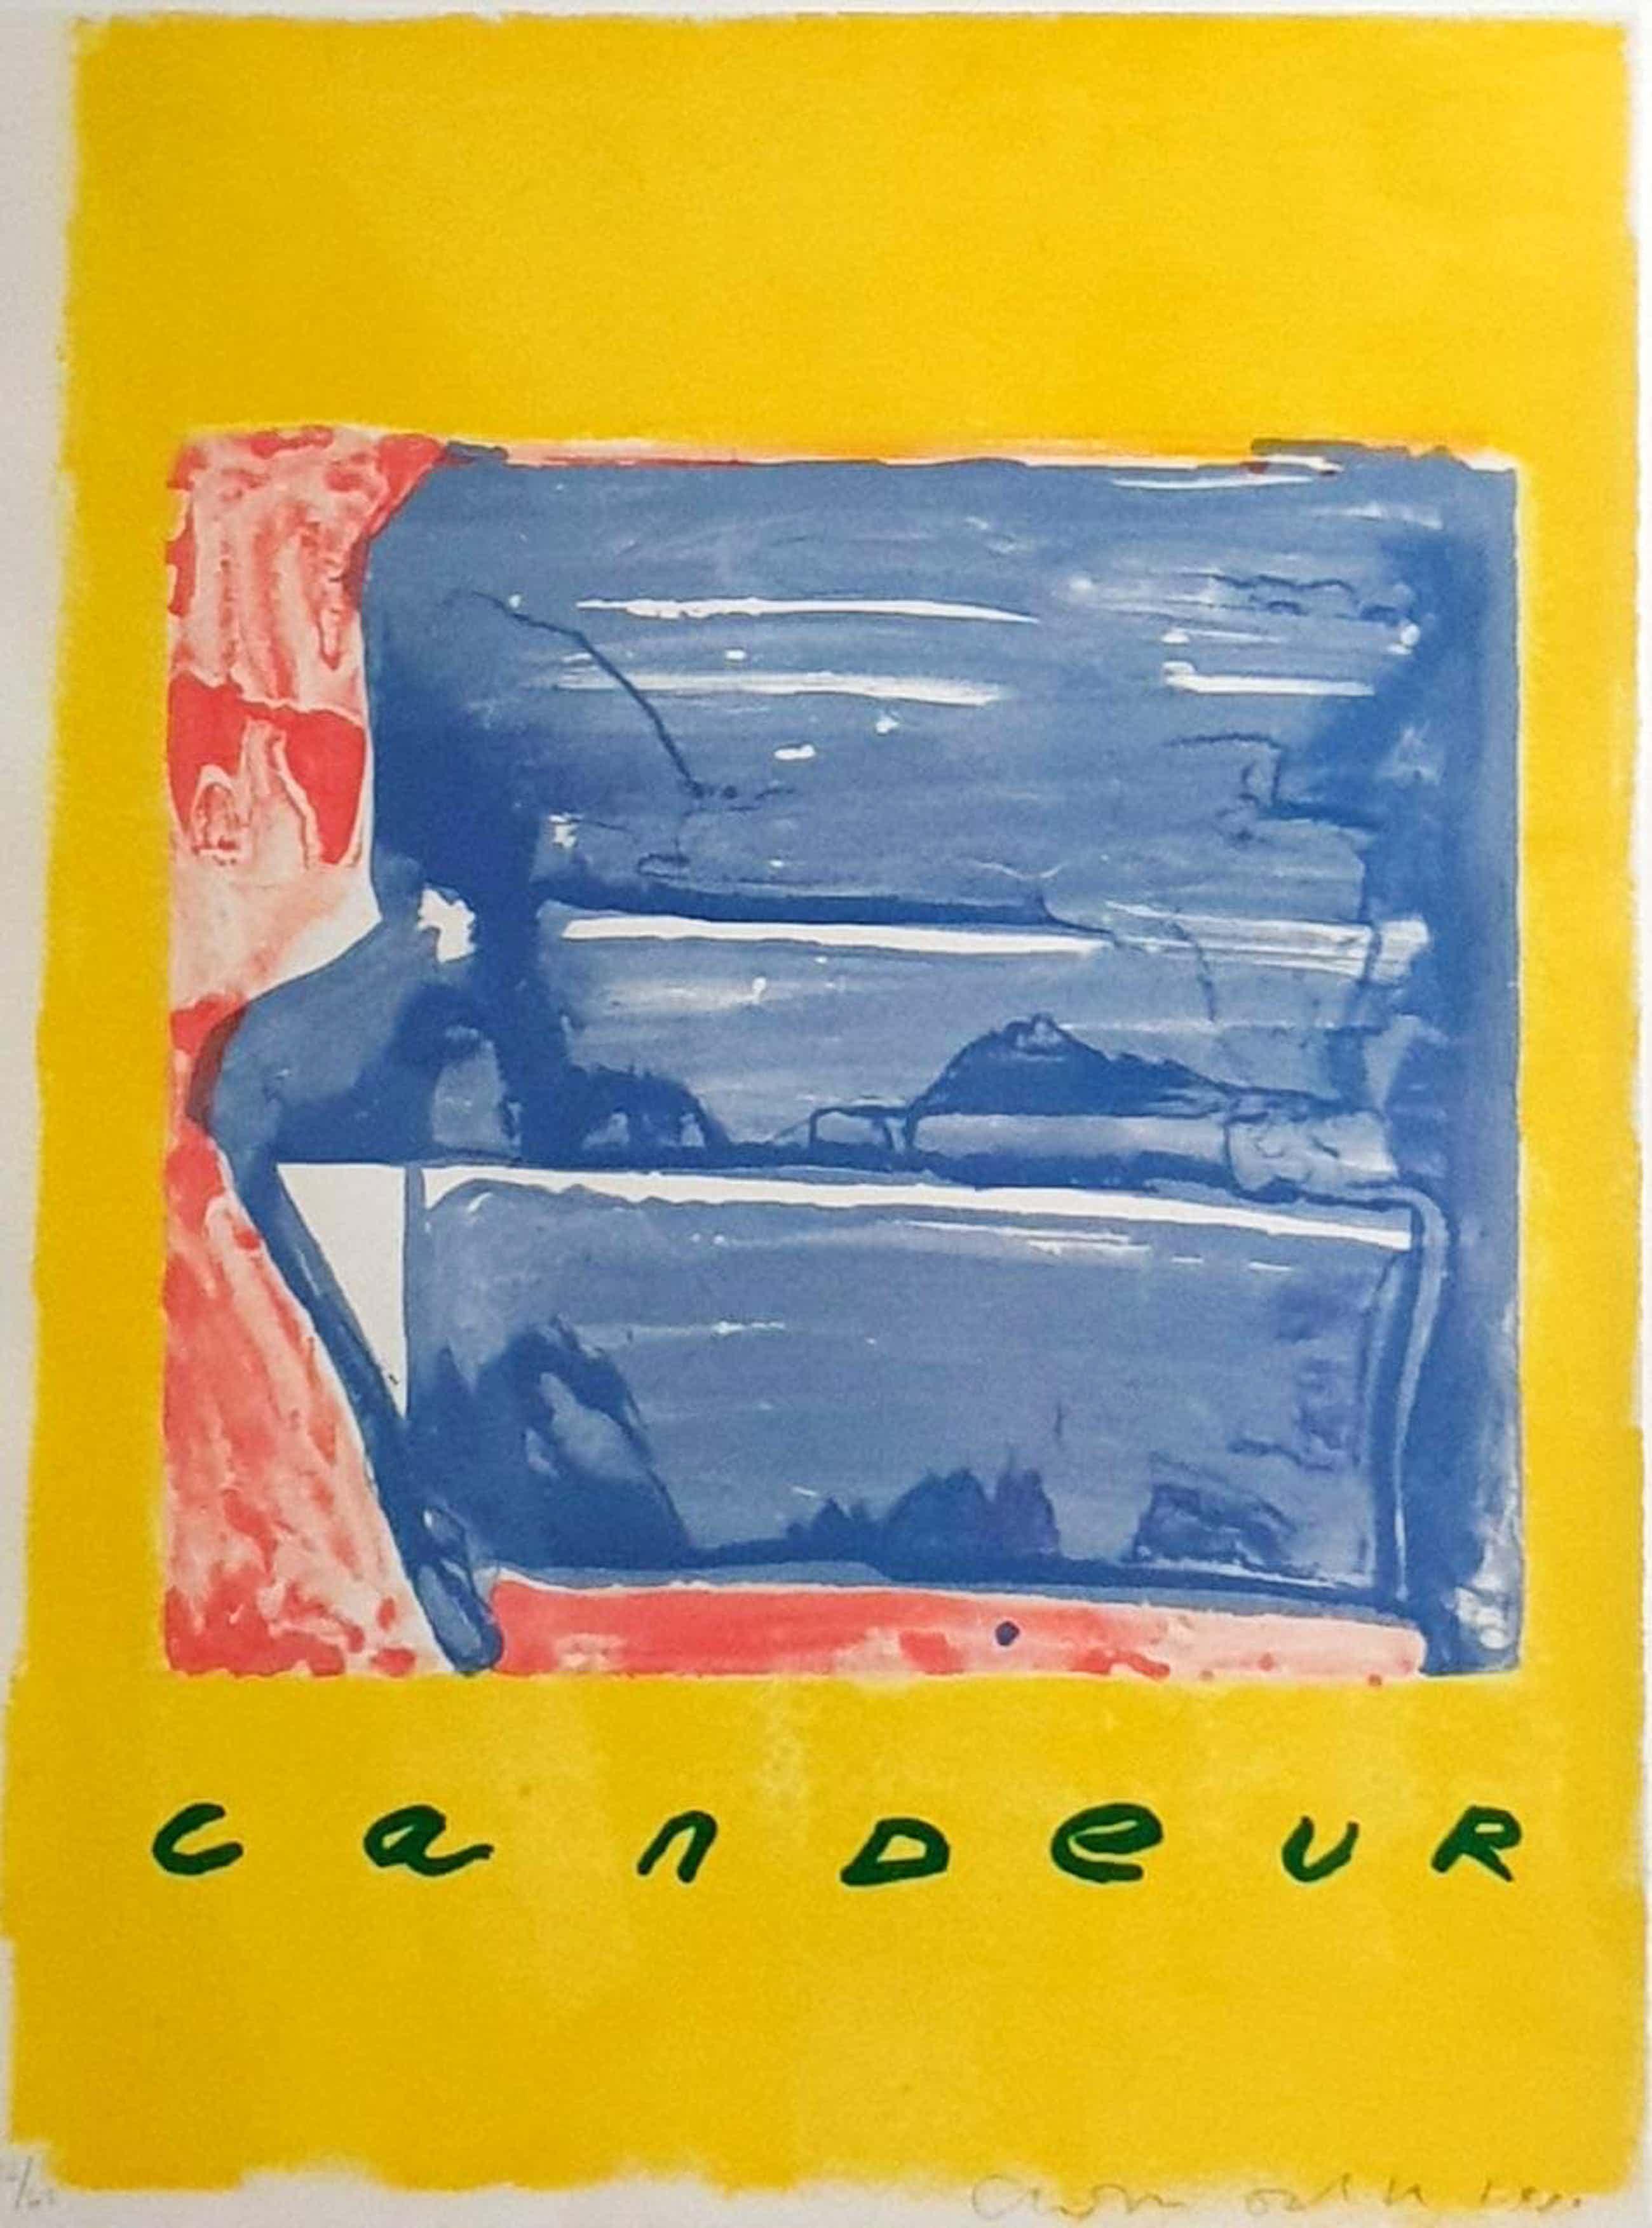 Cees Dolk - ingelijste zeefdruk: Candeur - 1990 kopen? Bied vanaf 55!